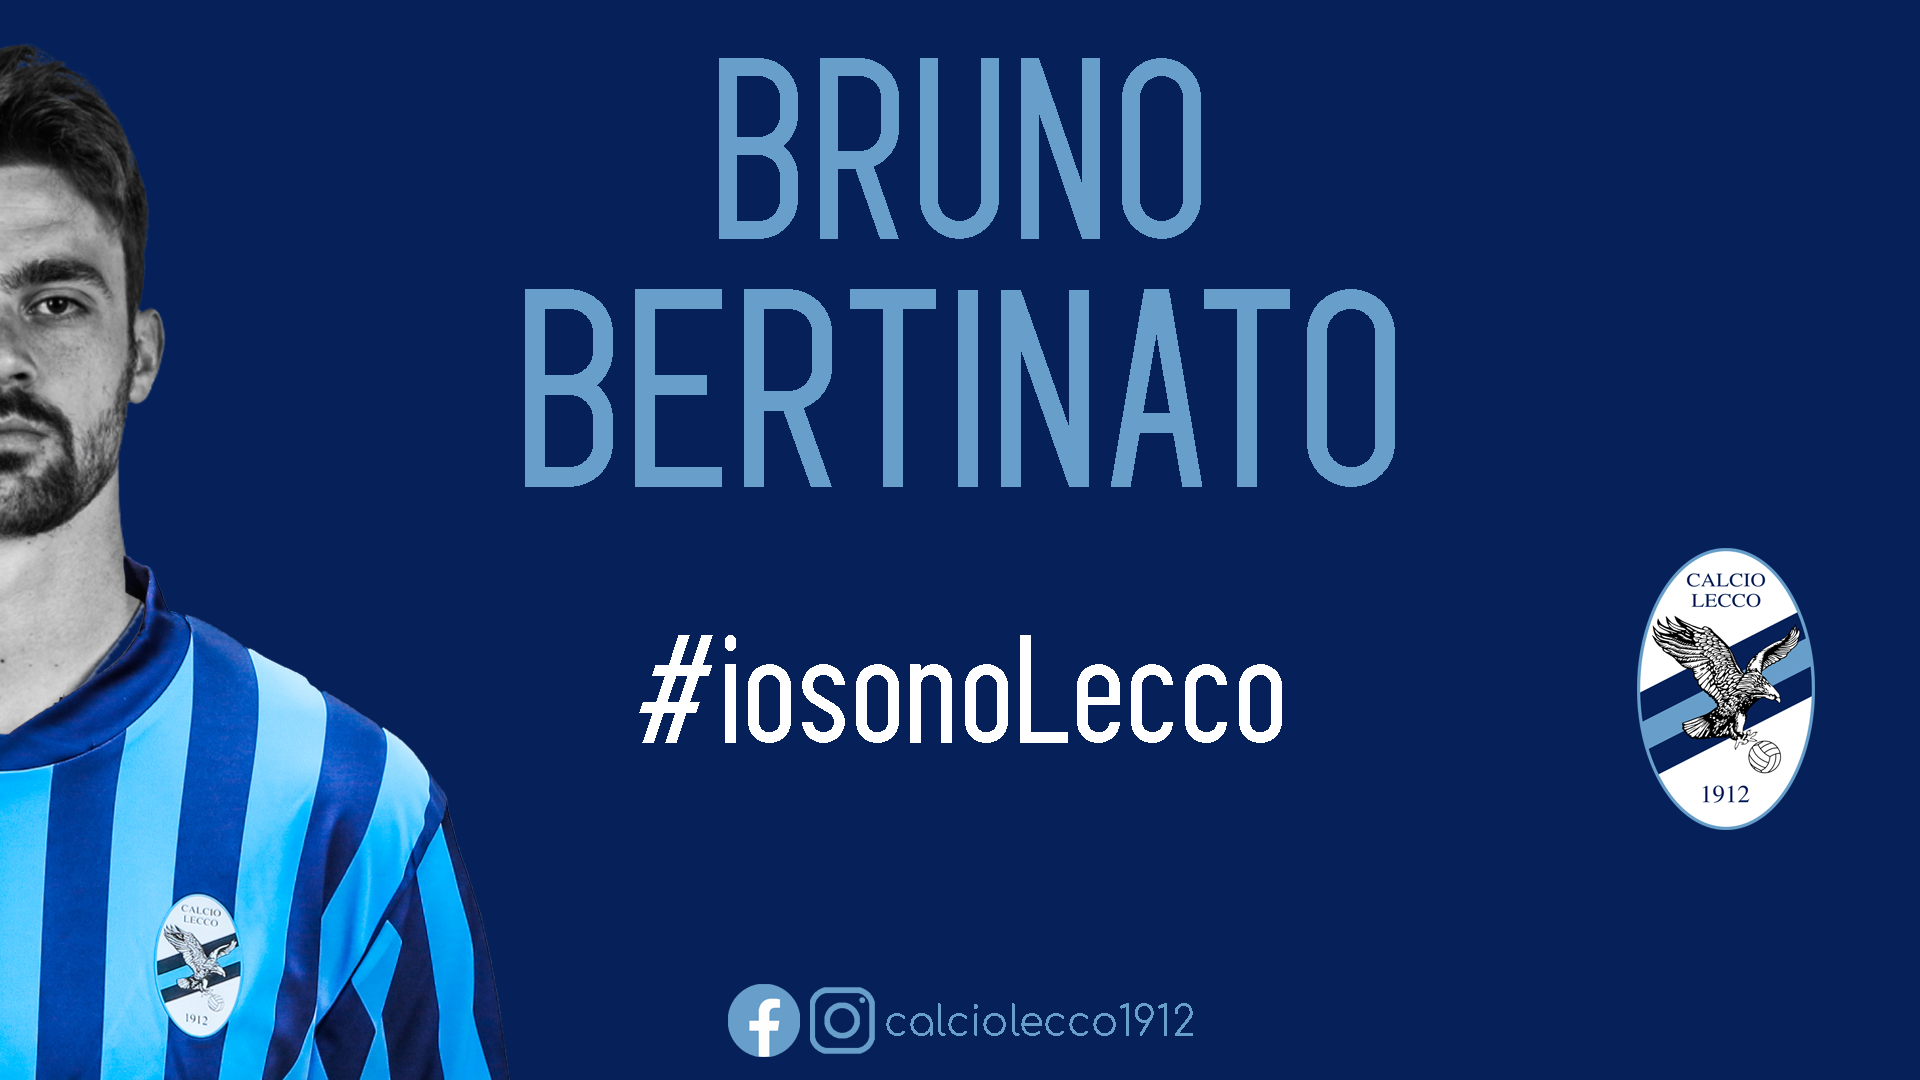 Bertinato_Bruno